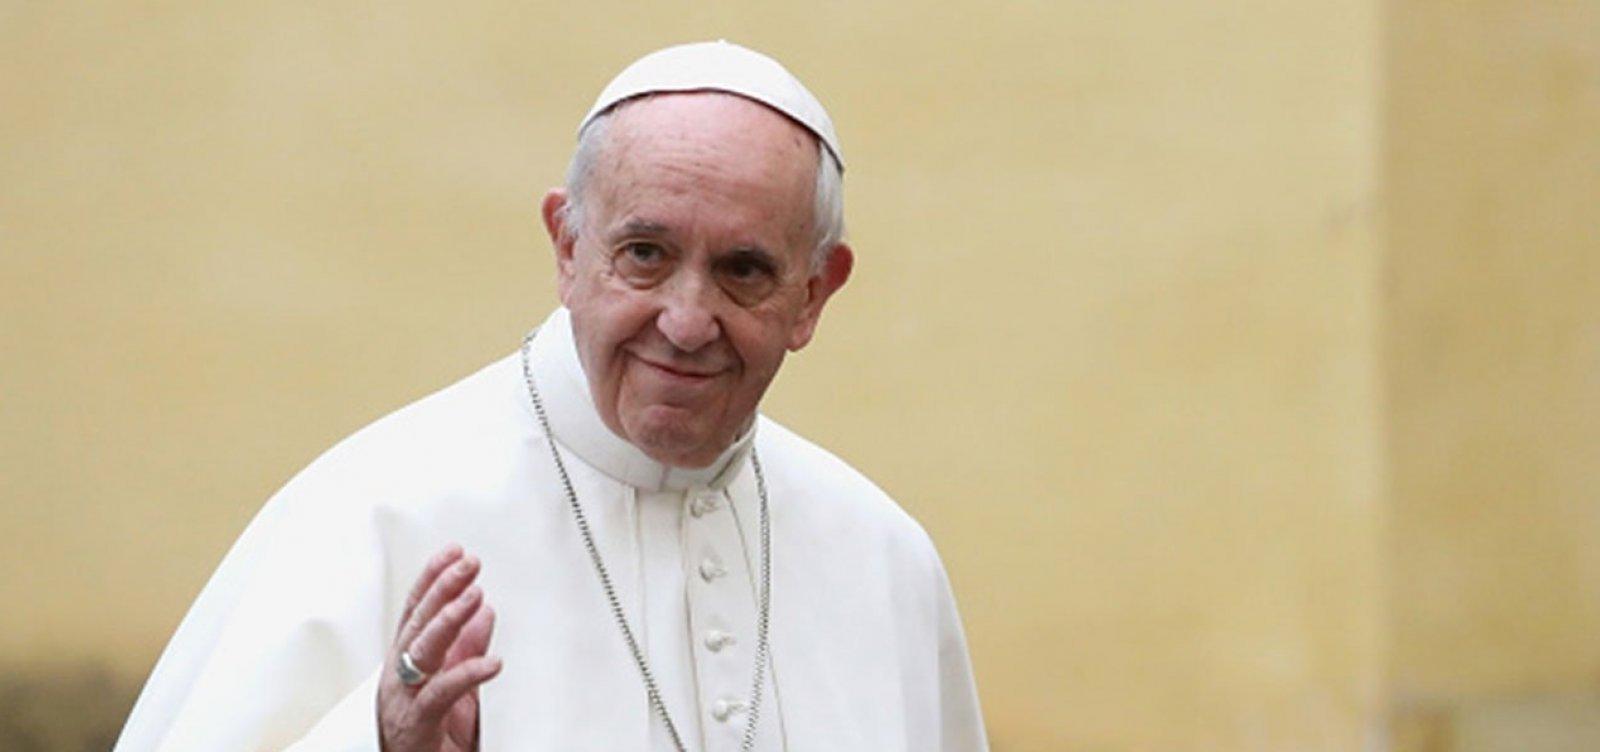 [Papa Francisco recebe segunda dose da vacina contra a Covid-19]